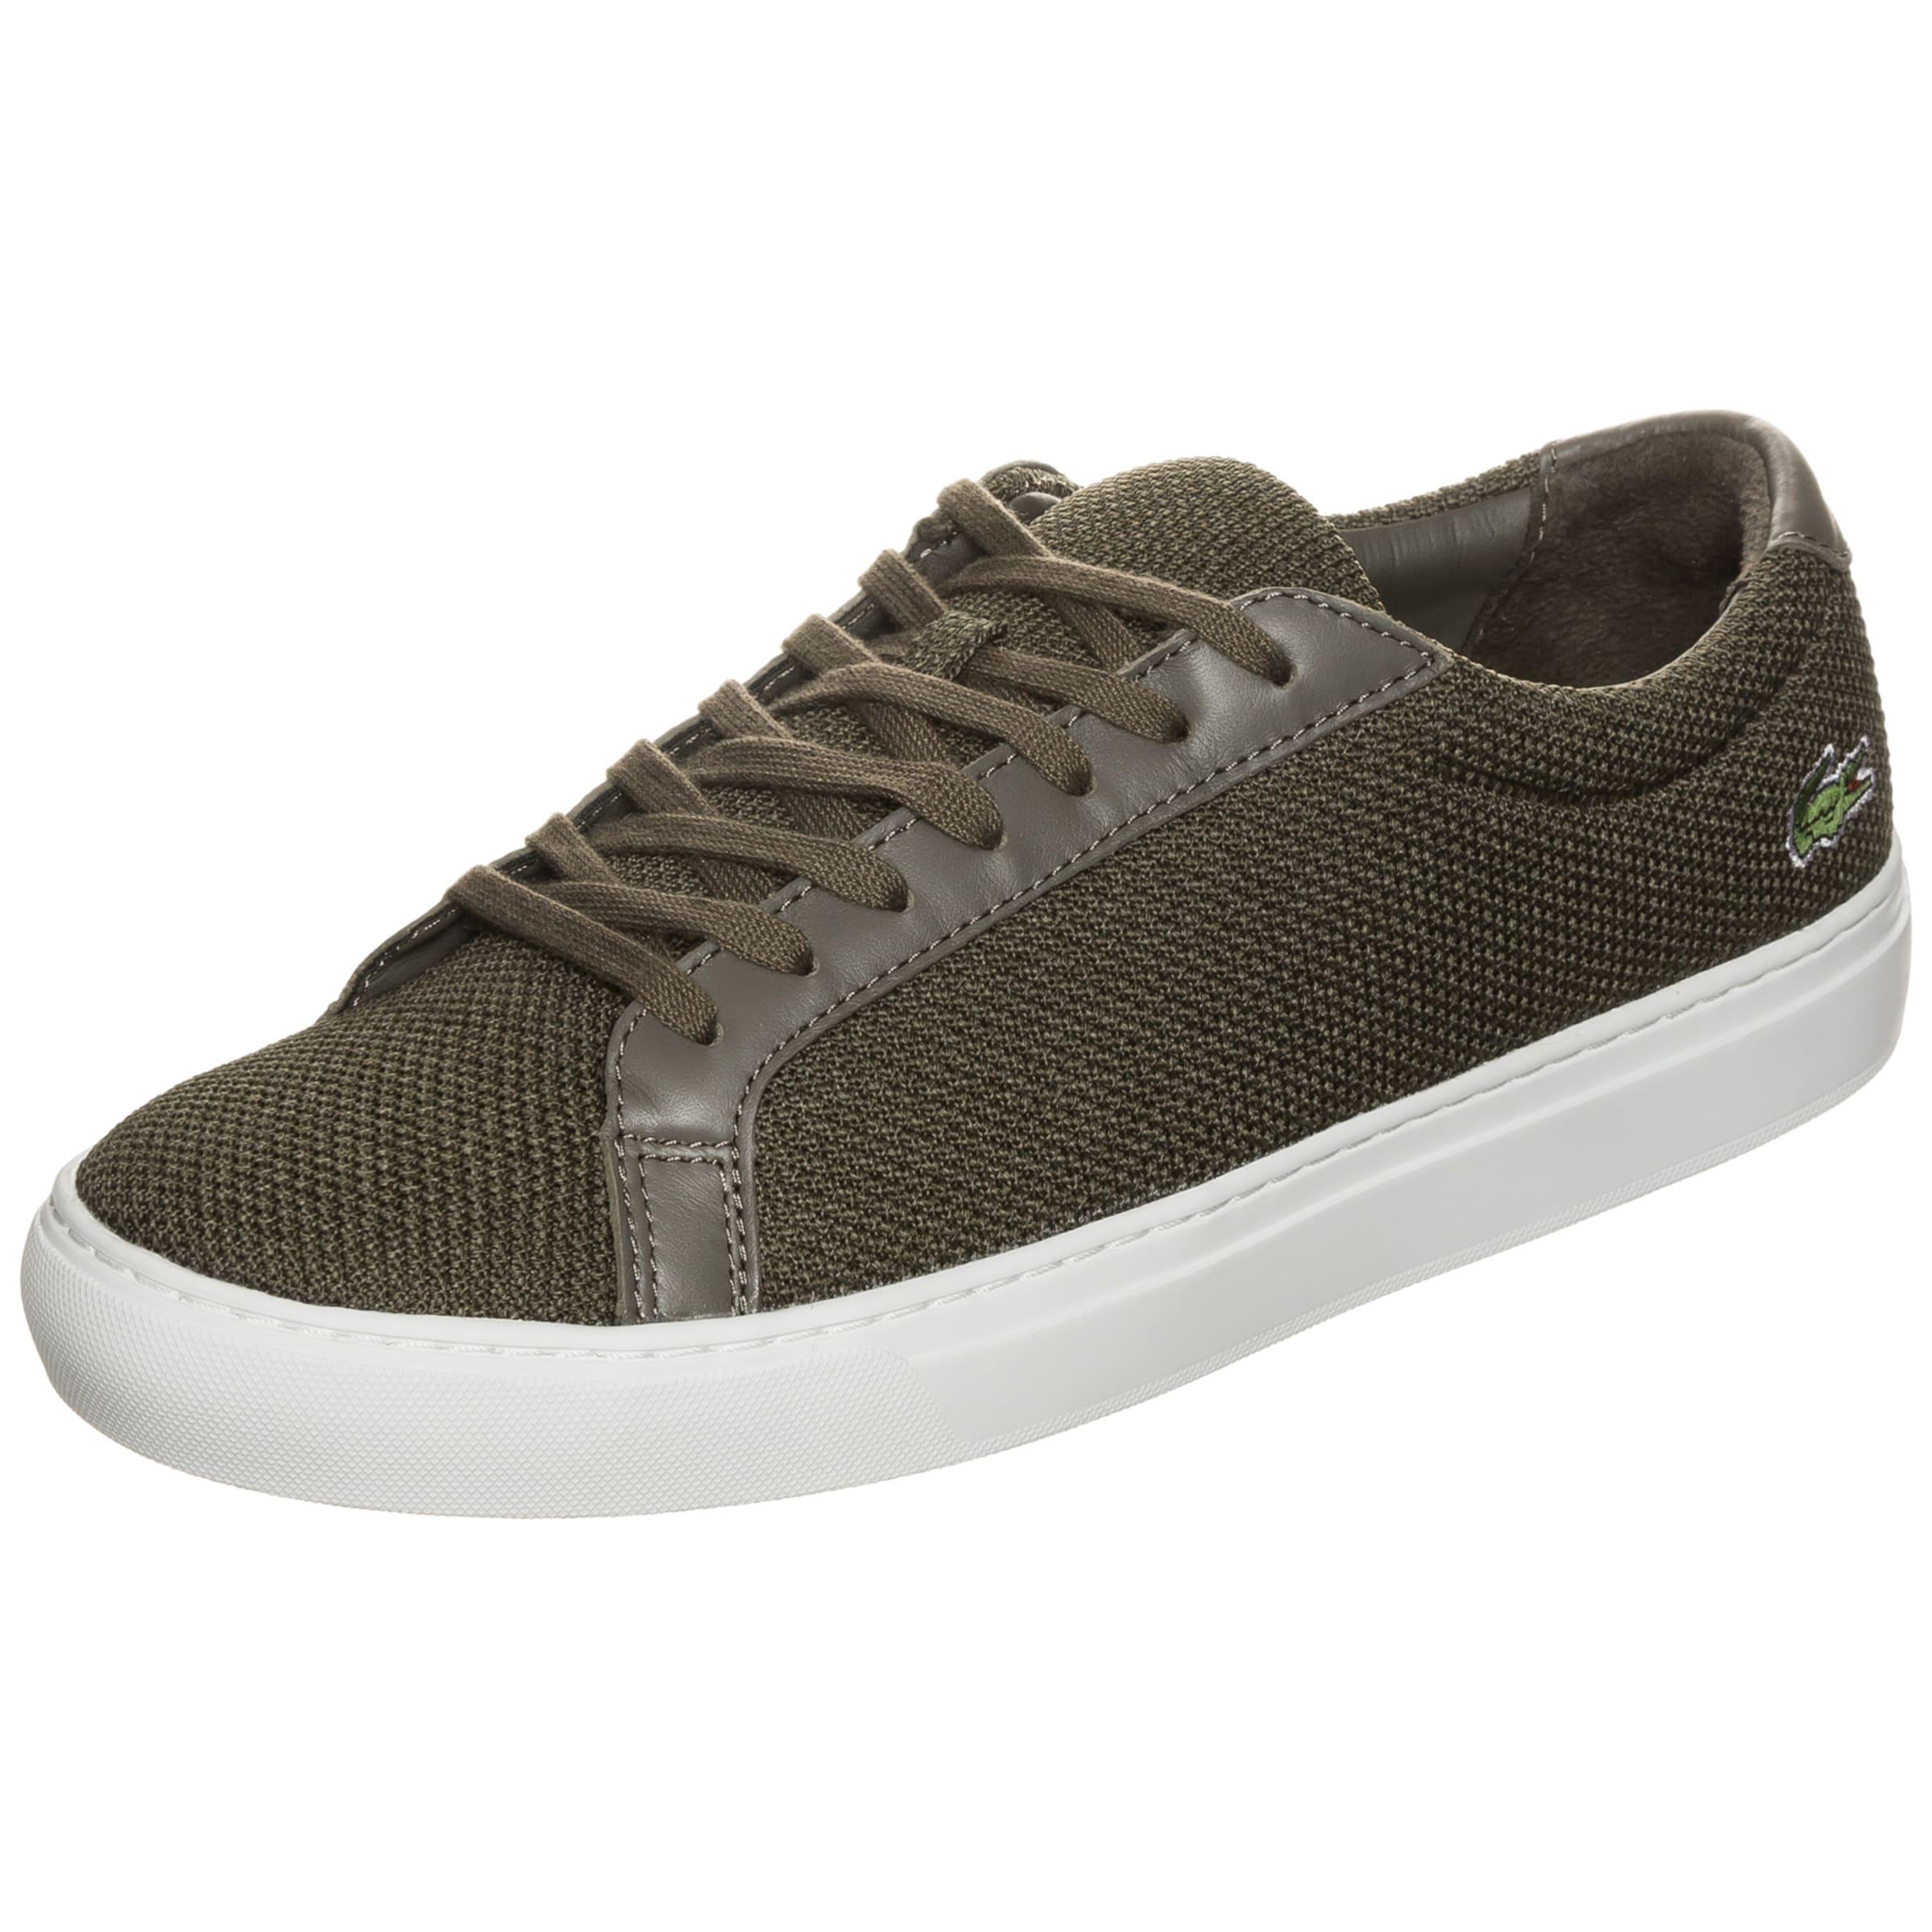 12 L Lacoste Naturweiß 12 In GrünGrasgrün Sneaker Herren tQrhdsCx